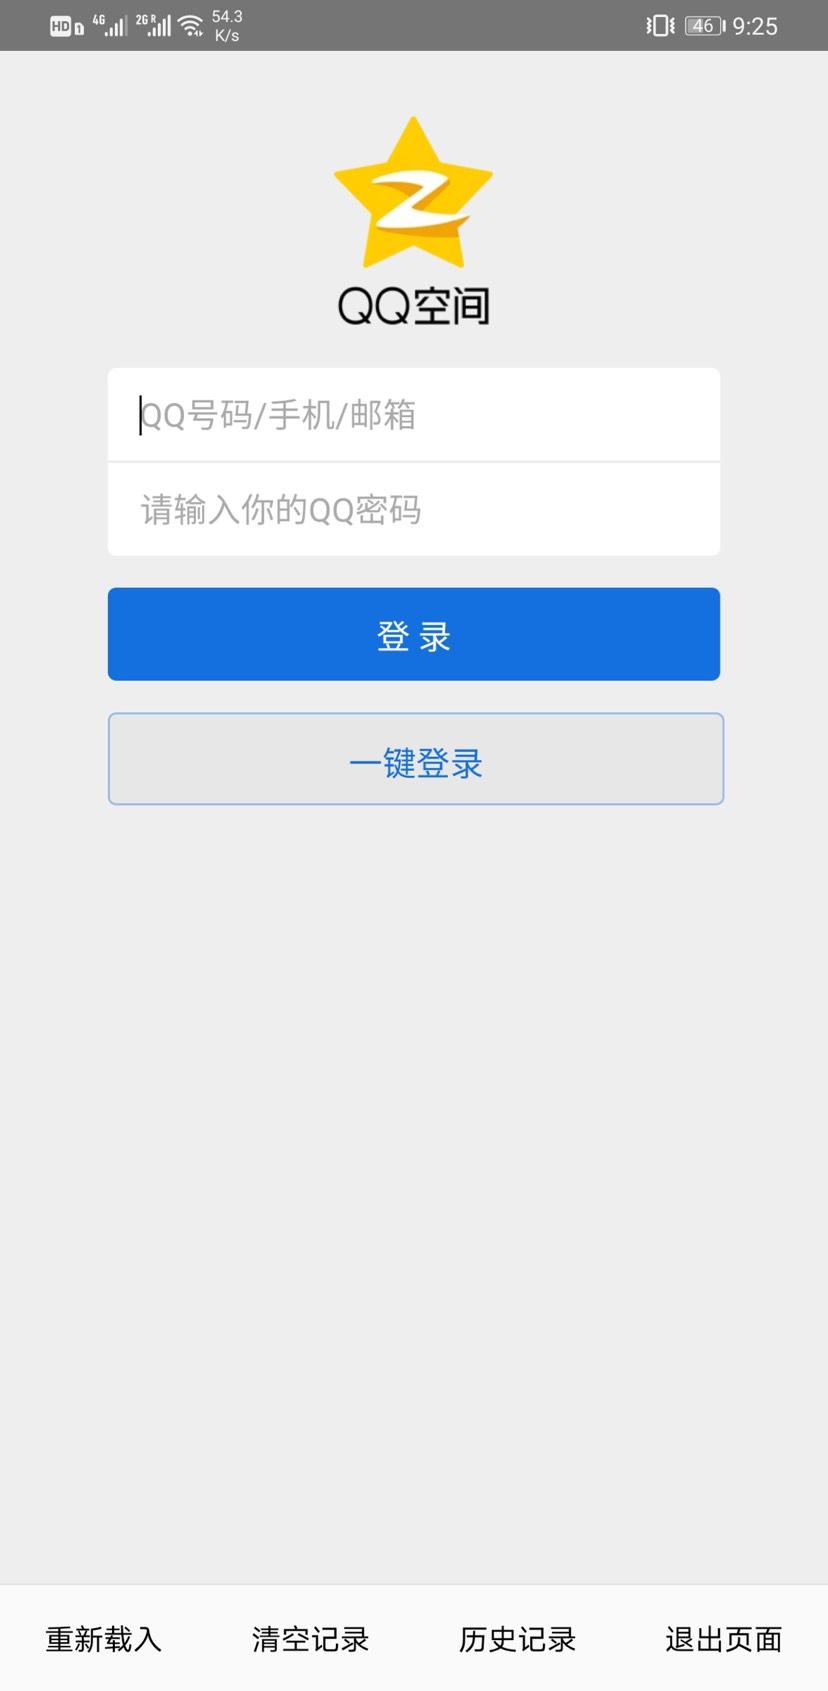 【分享】QQ签到1.0每天可以一键签到QQ几十种左右